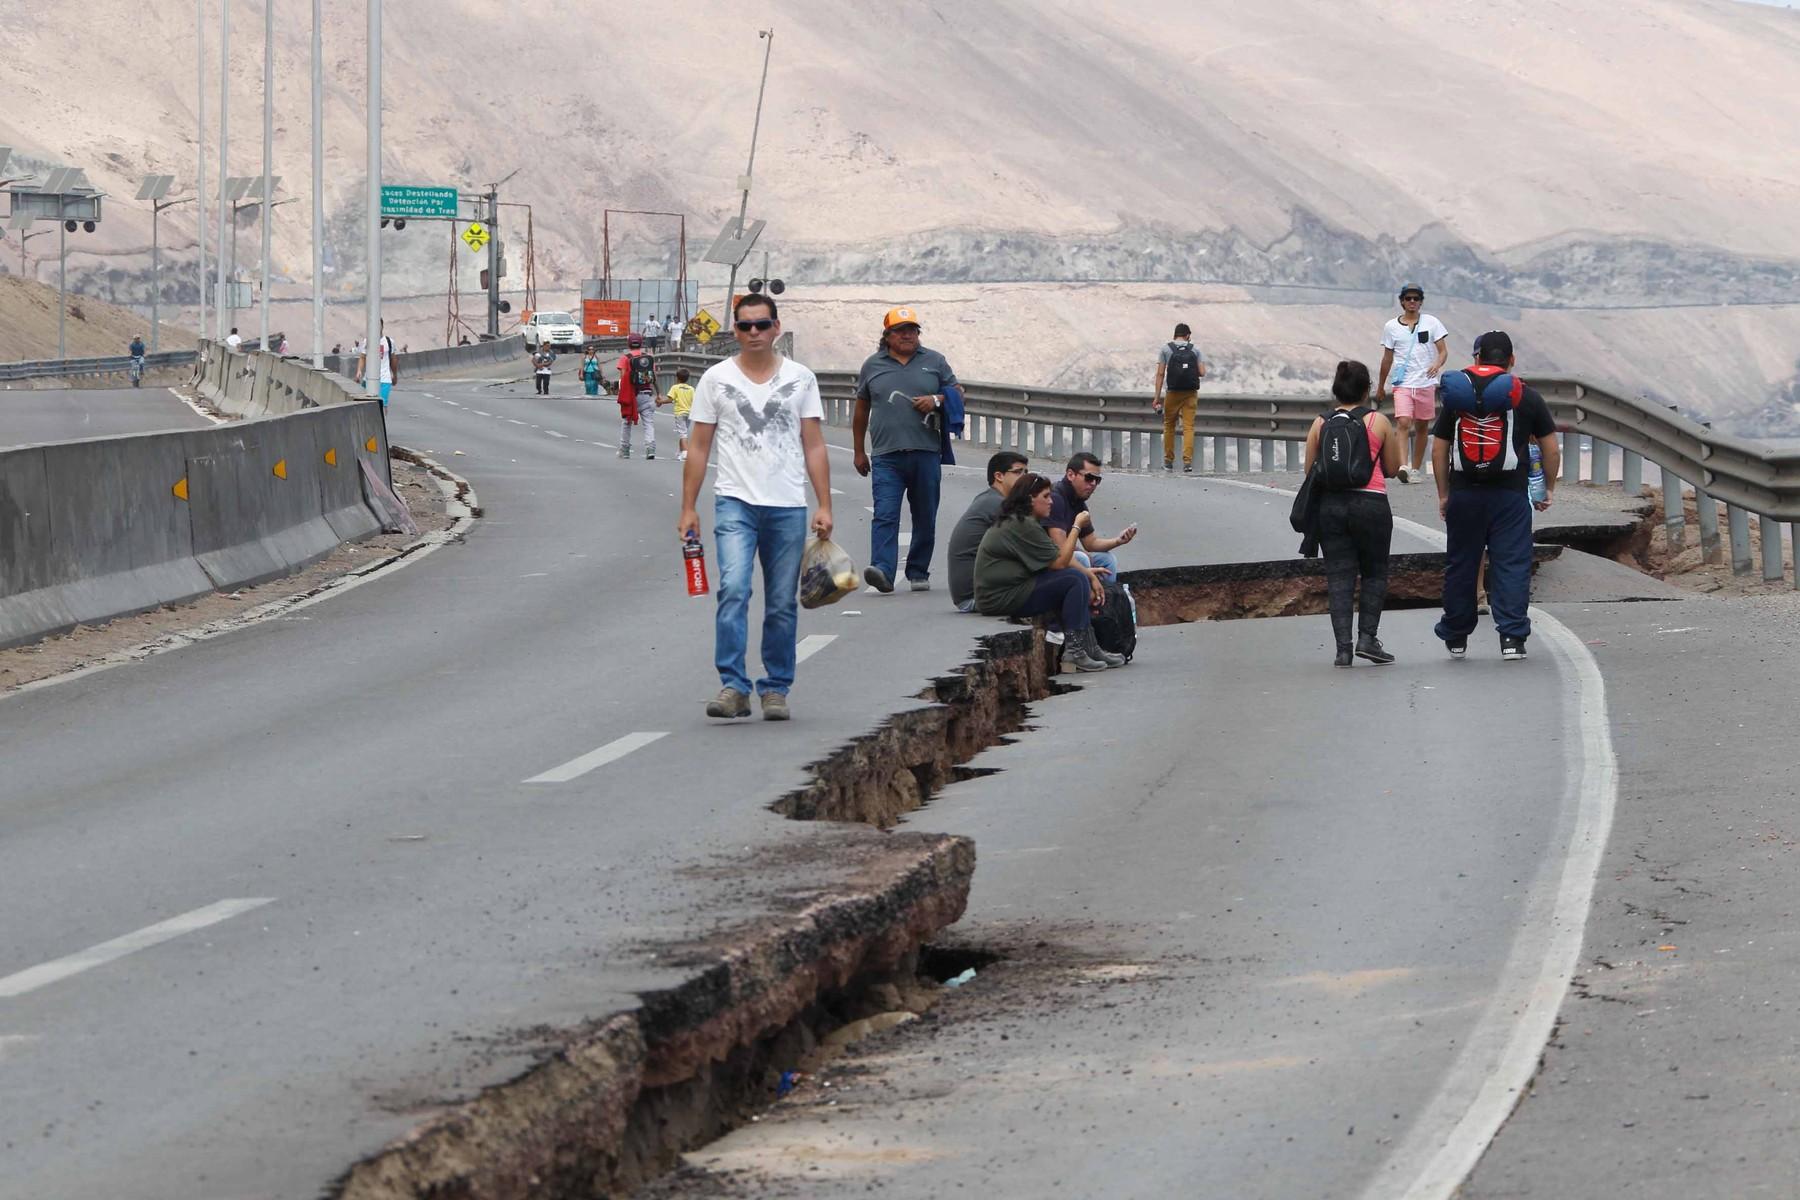 posljedice potresa u Čileu 2014. godine